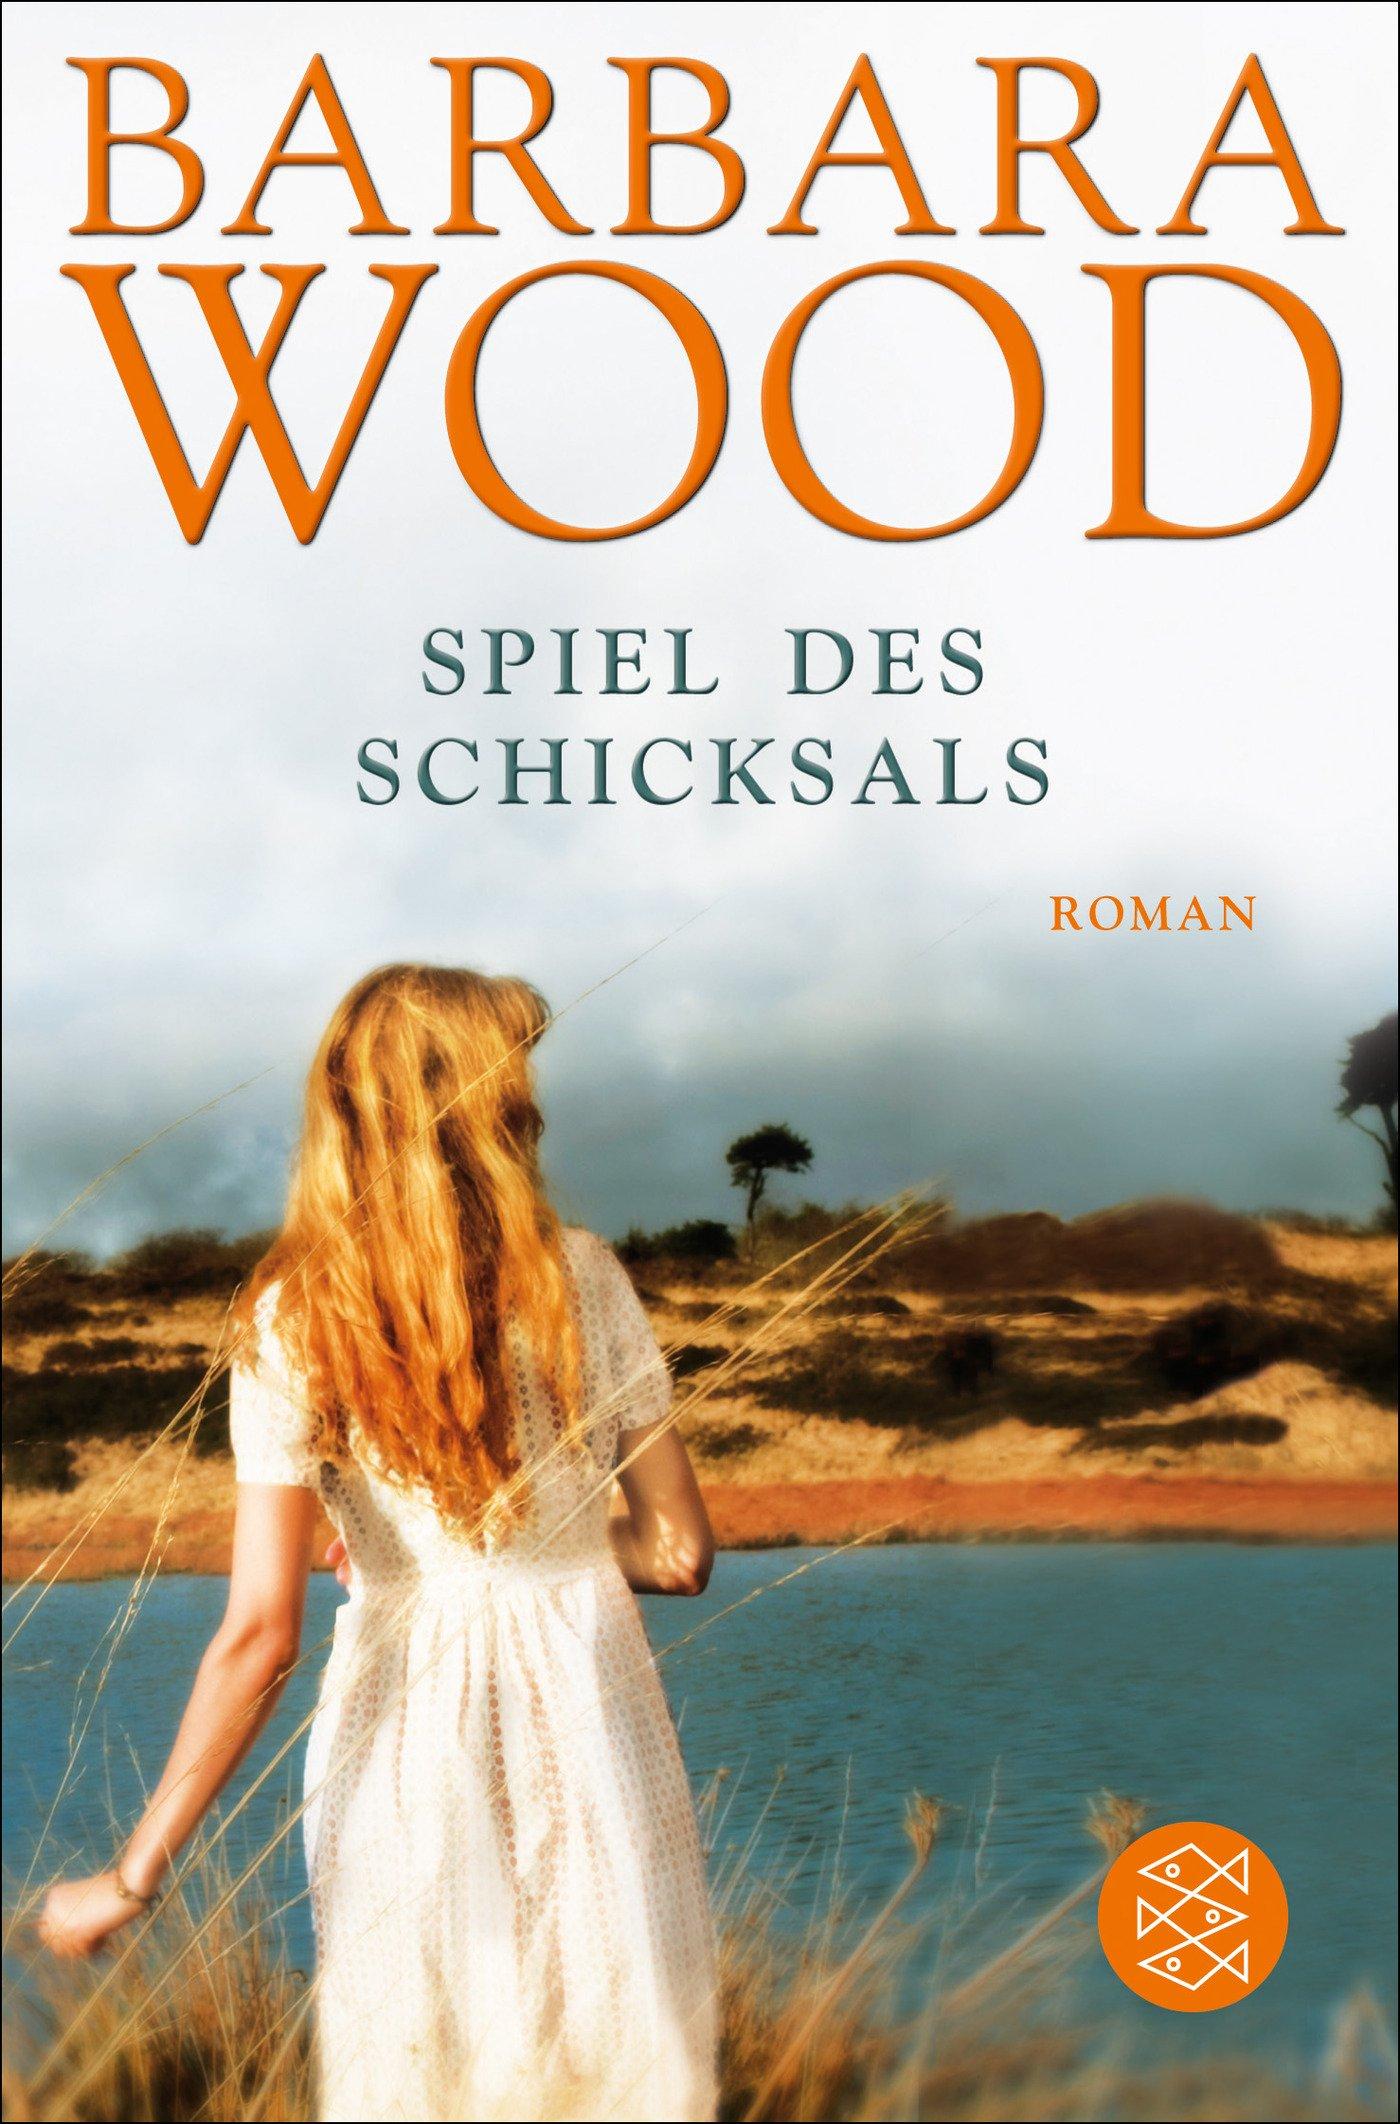 Spiel des Schicksals: Roman Taschenbuch – 1. März 1994 Barbara Wood FISCHER Taschenbuch 3596120322 24717